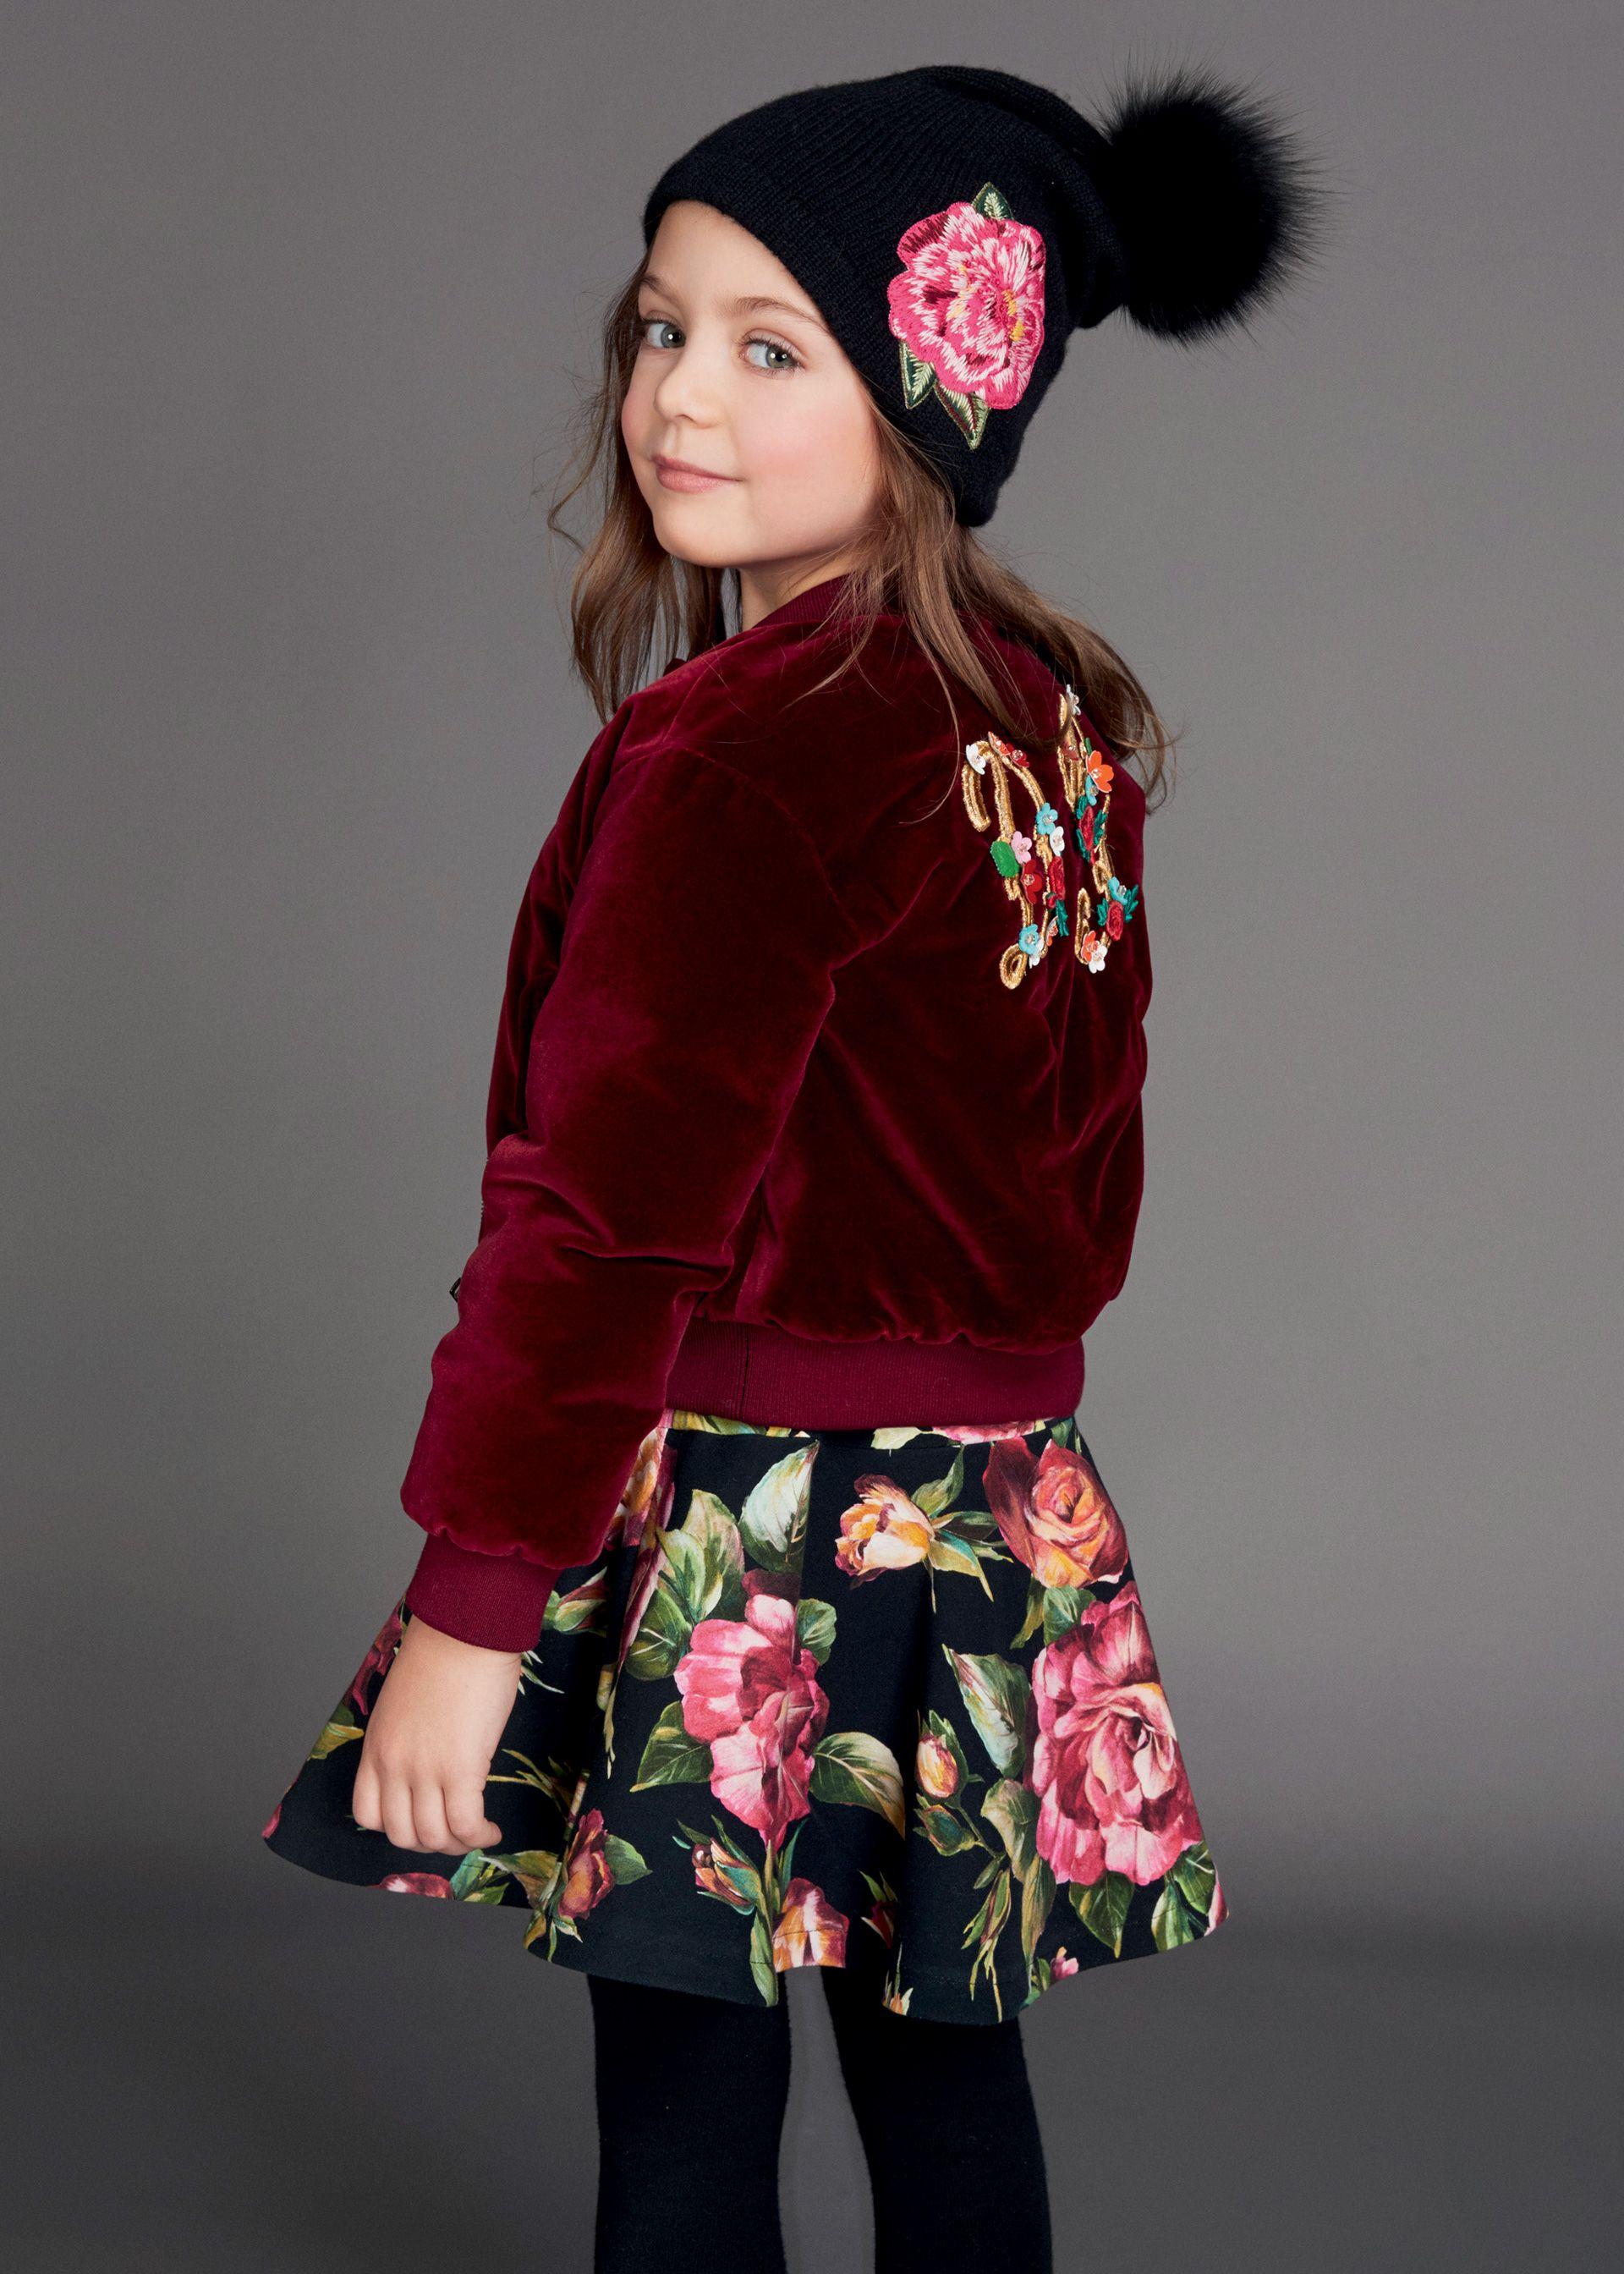 Scopri Dolce   Gabbana Collezione Bambino Autunno Inverno 2017-18 Bambina e  lasciati ispirare. 35c5da9ae71